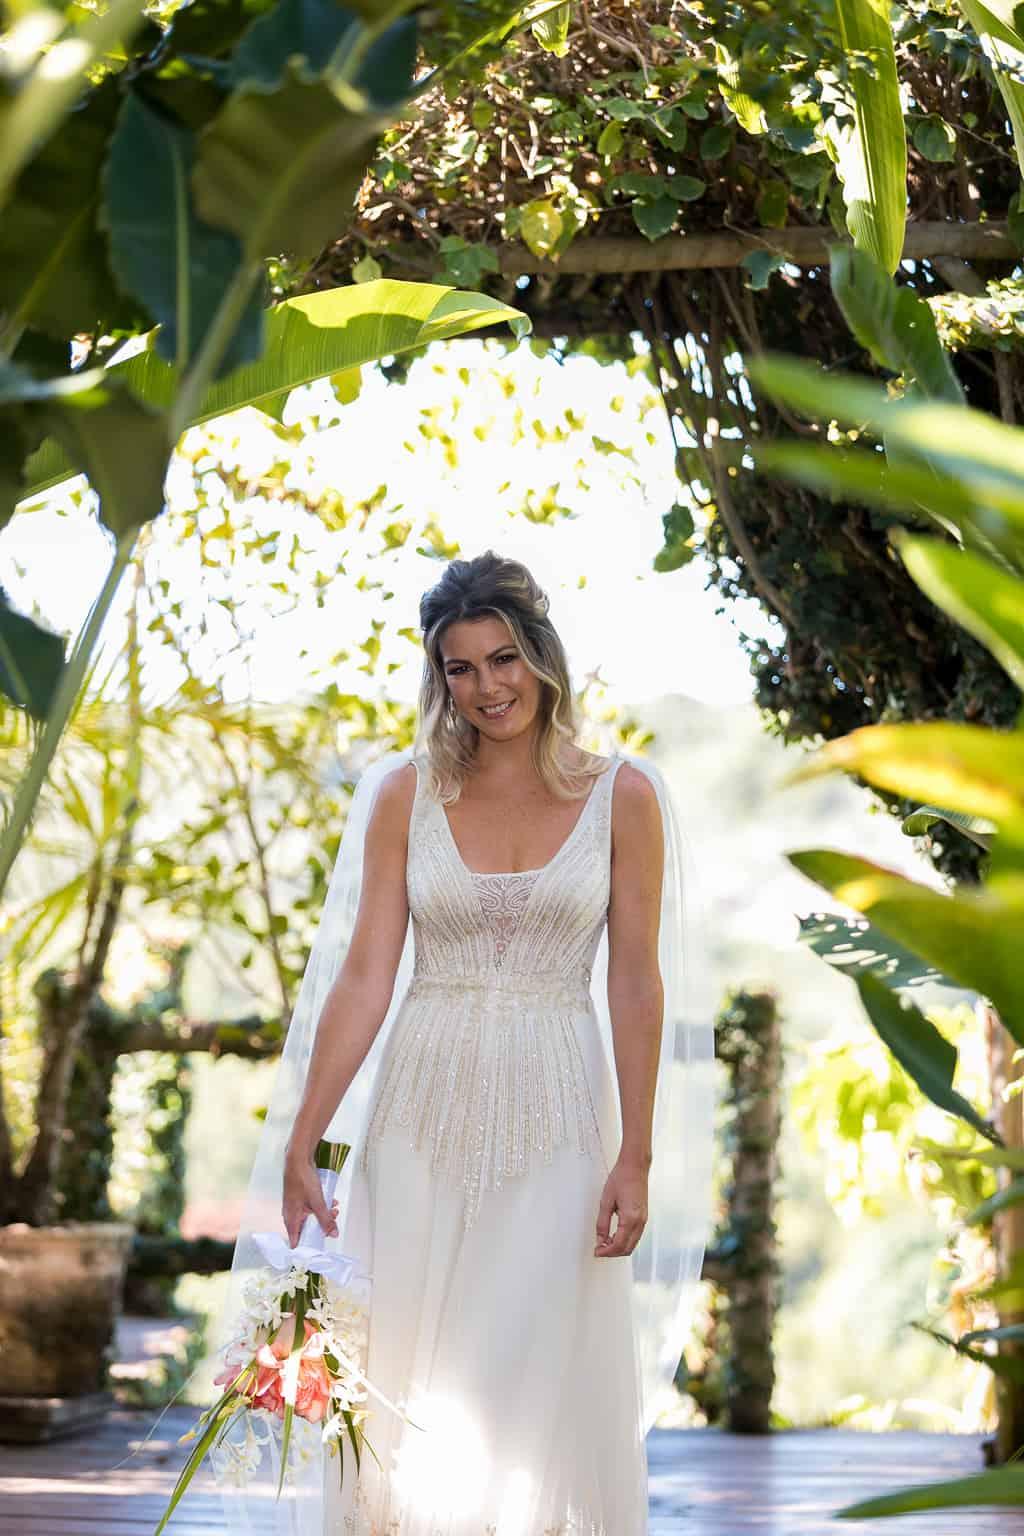 Casamento-Victoria-e-Christian-Fotografia-Tiago-Saldanha158_MG_0556